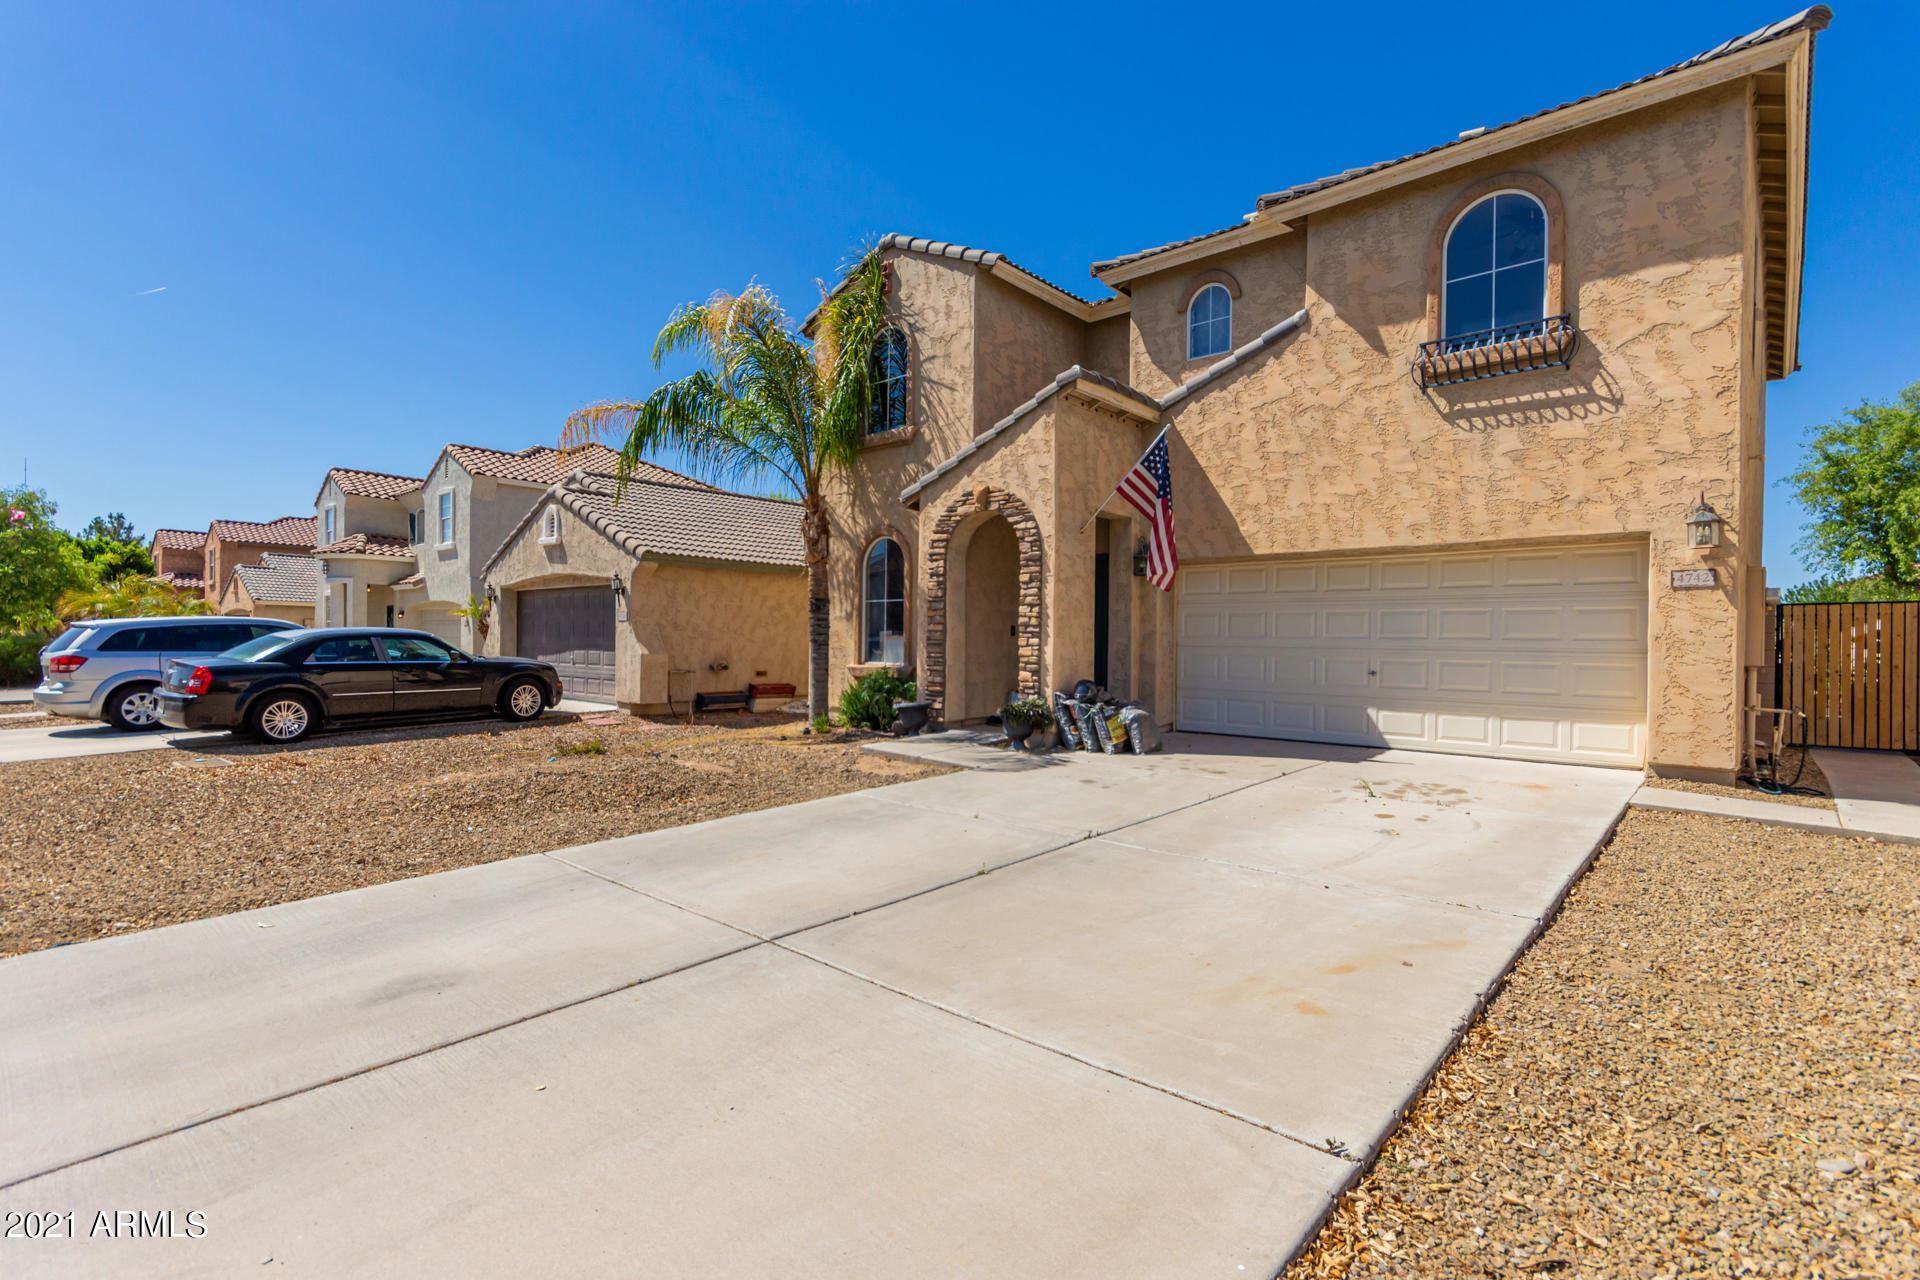 4742 E MEADOW CREEK Way, San Tan Valley, AZ 85140 - MLS#: 6231723